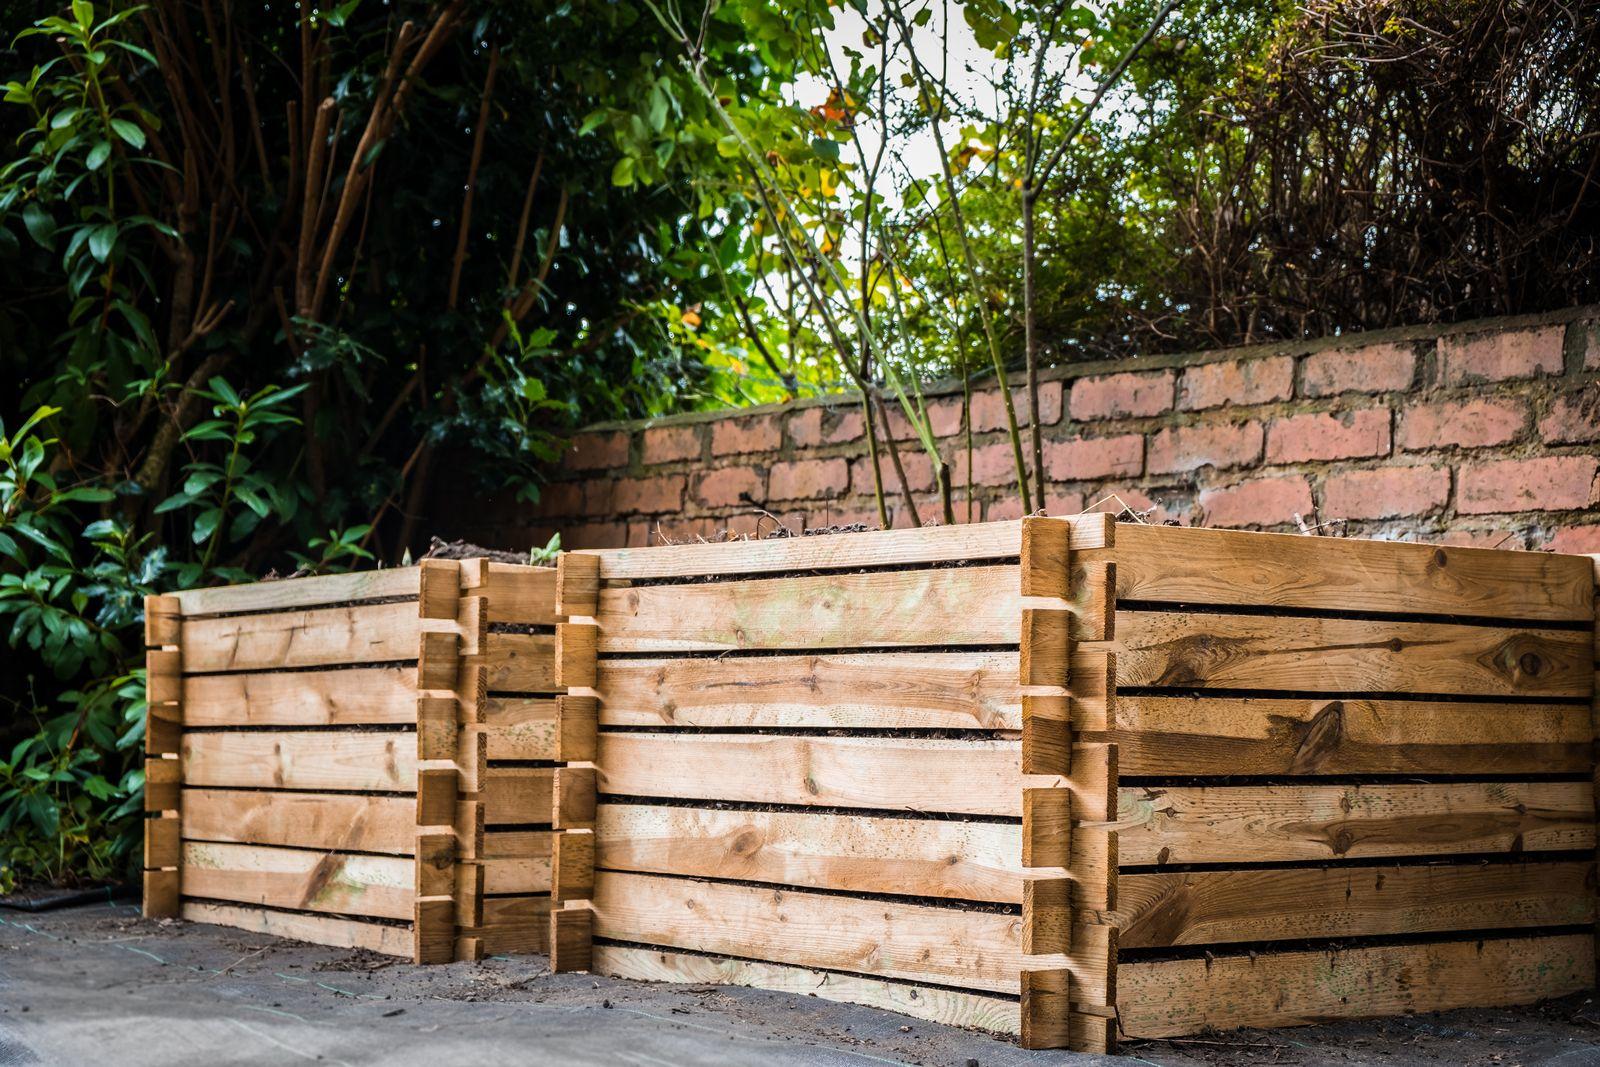 Kompost Bauen Anleitung Vom Profi Plantura